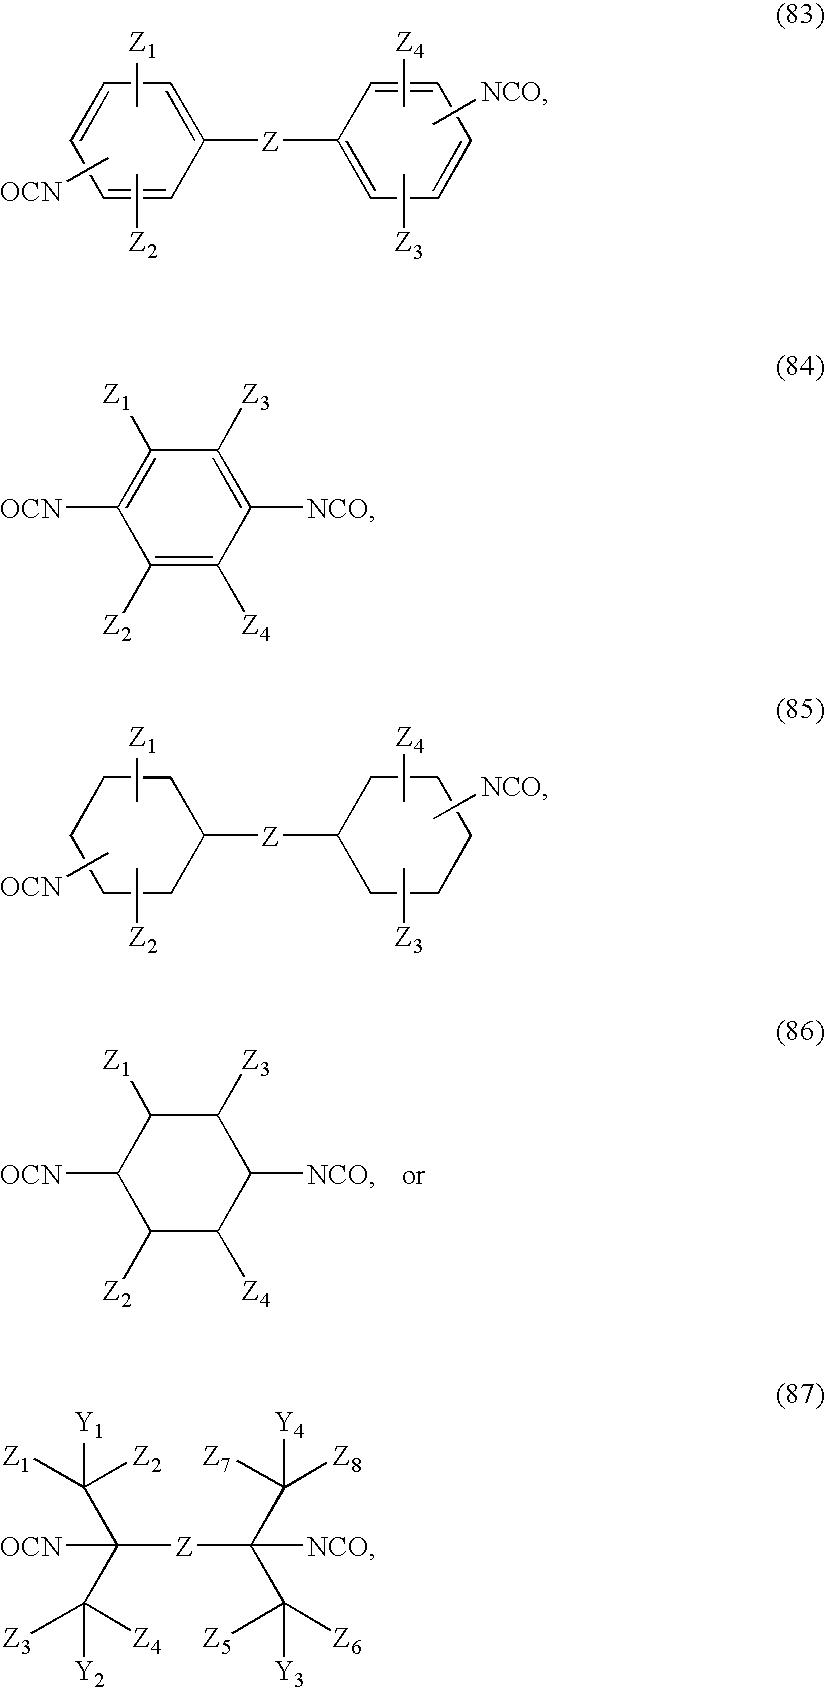 Figure US20040220357A1-20041104-C00050